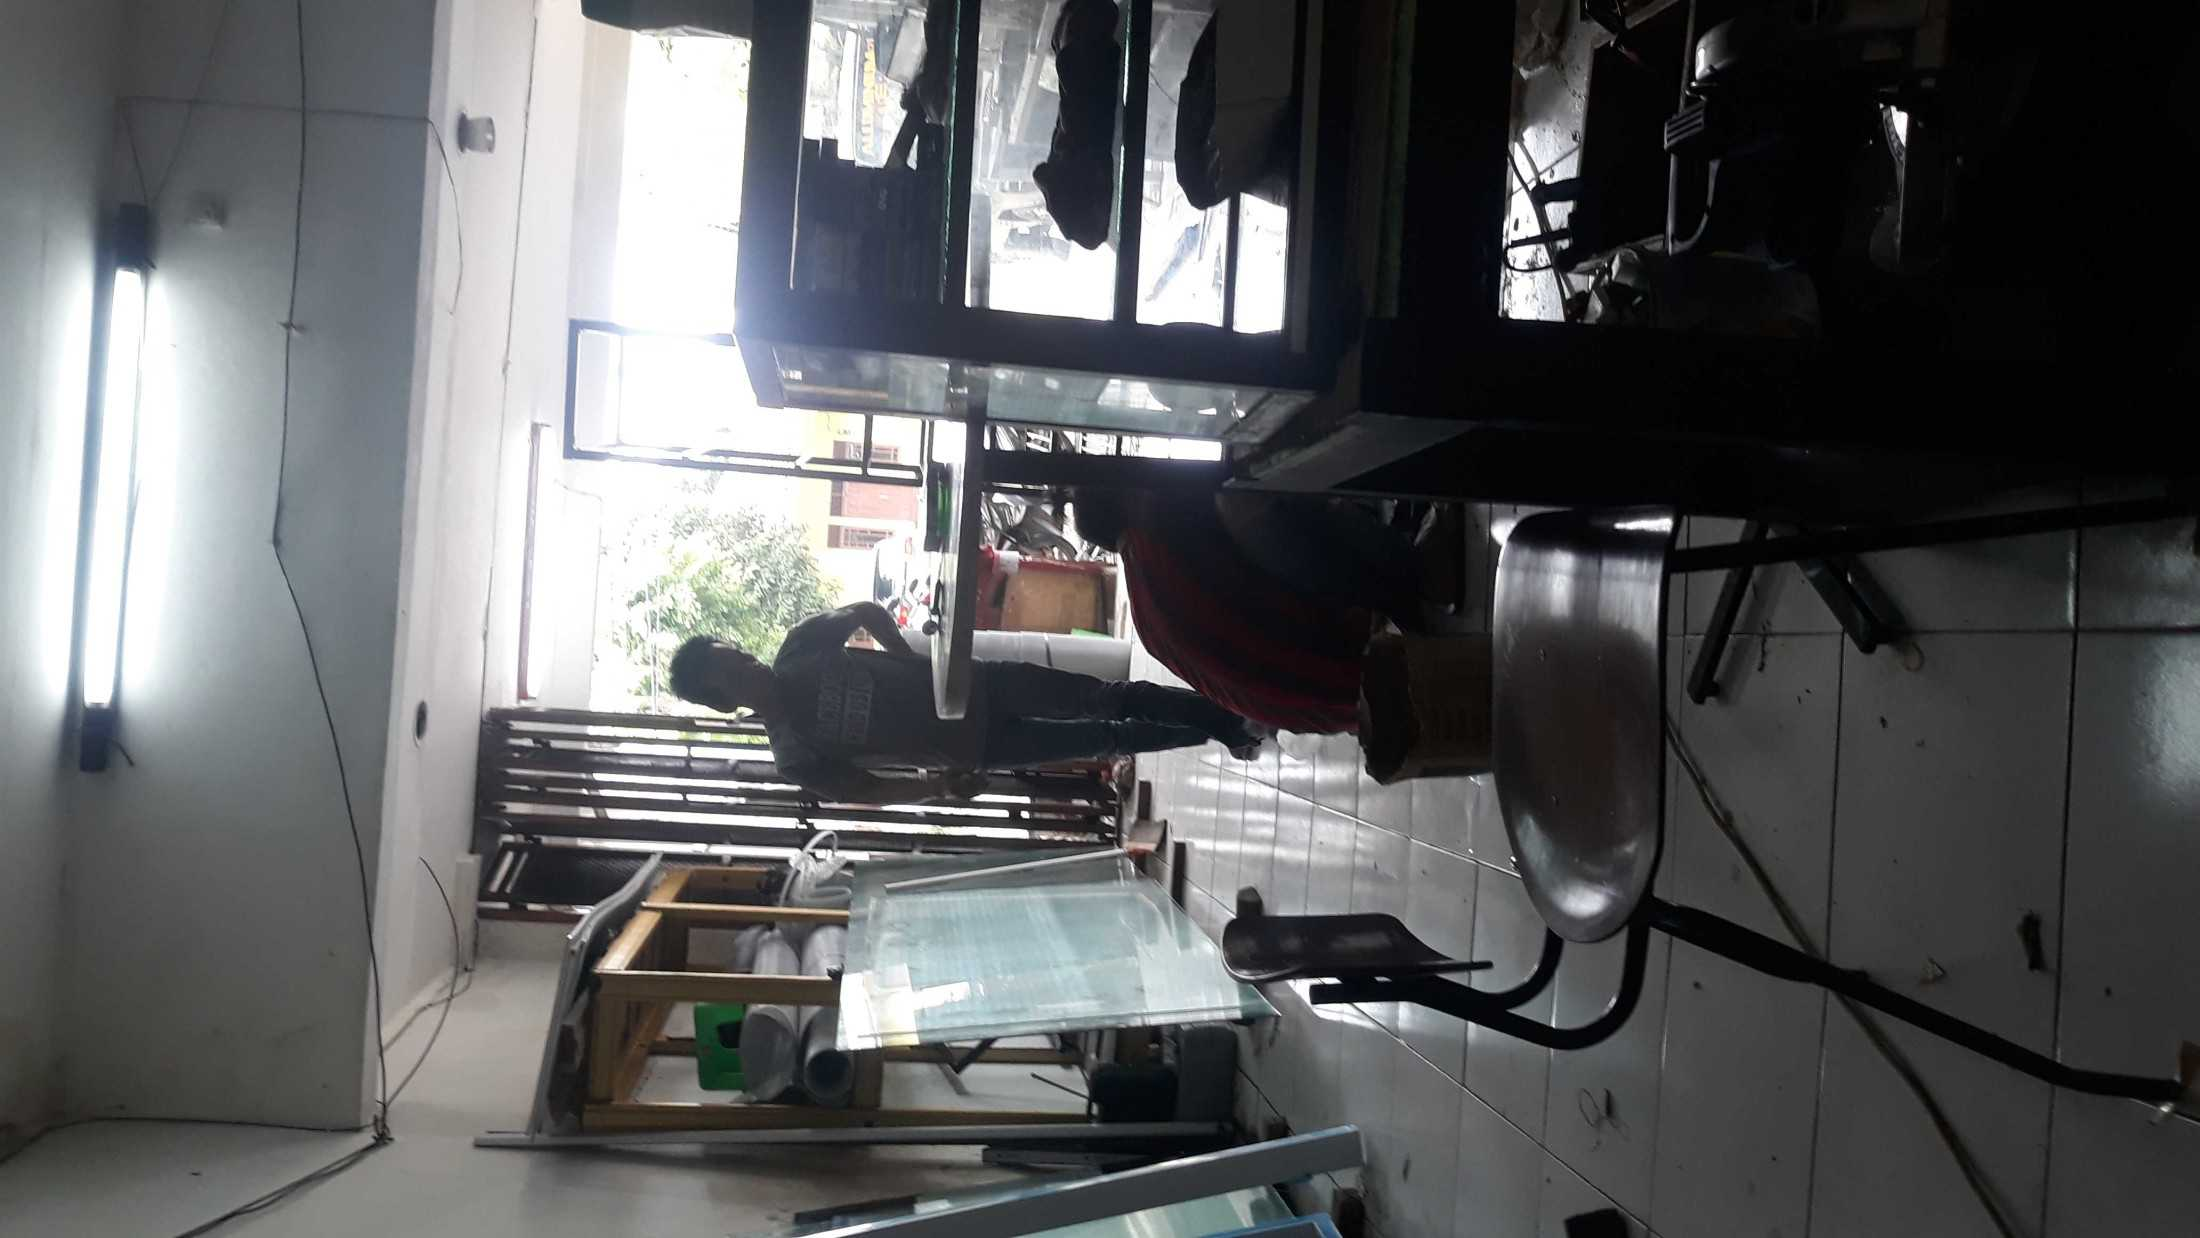 Supri Yanto Ruko Vanya Park Bsd City, Jl. Boulevard Barat Bsd City, Pagedangan, Tangerang, Banten 15336, Indonesia Bsd City, Jl. Boulevard Barat Bsd City, Pagedangan, Tangerang, Banten 15336, Indonesia Supri-Yanto-Ruko-Vanya-Park  112123